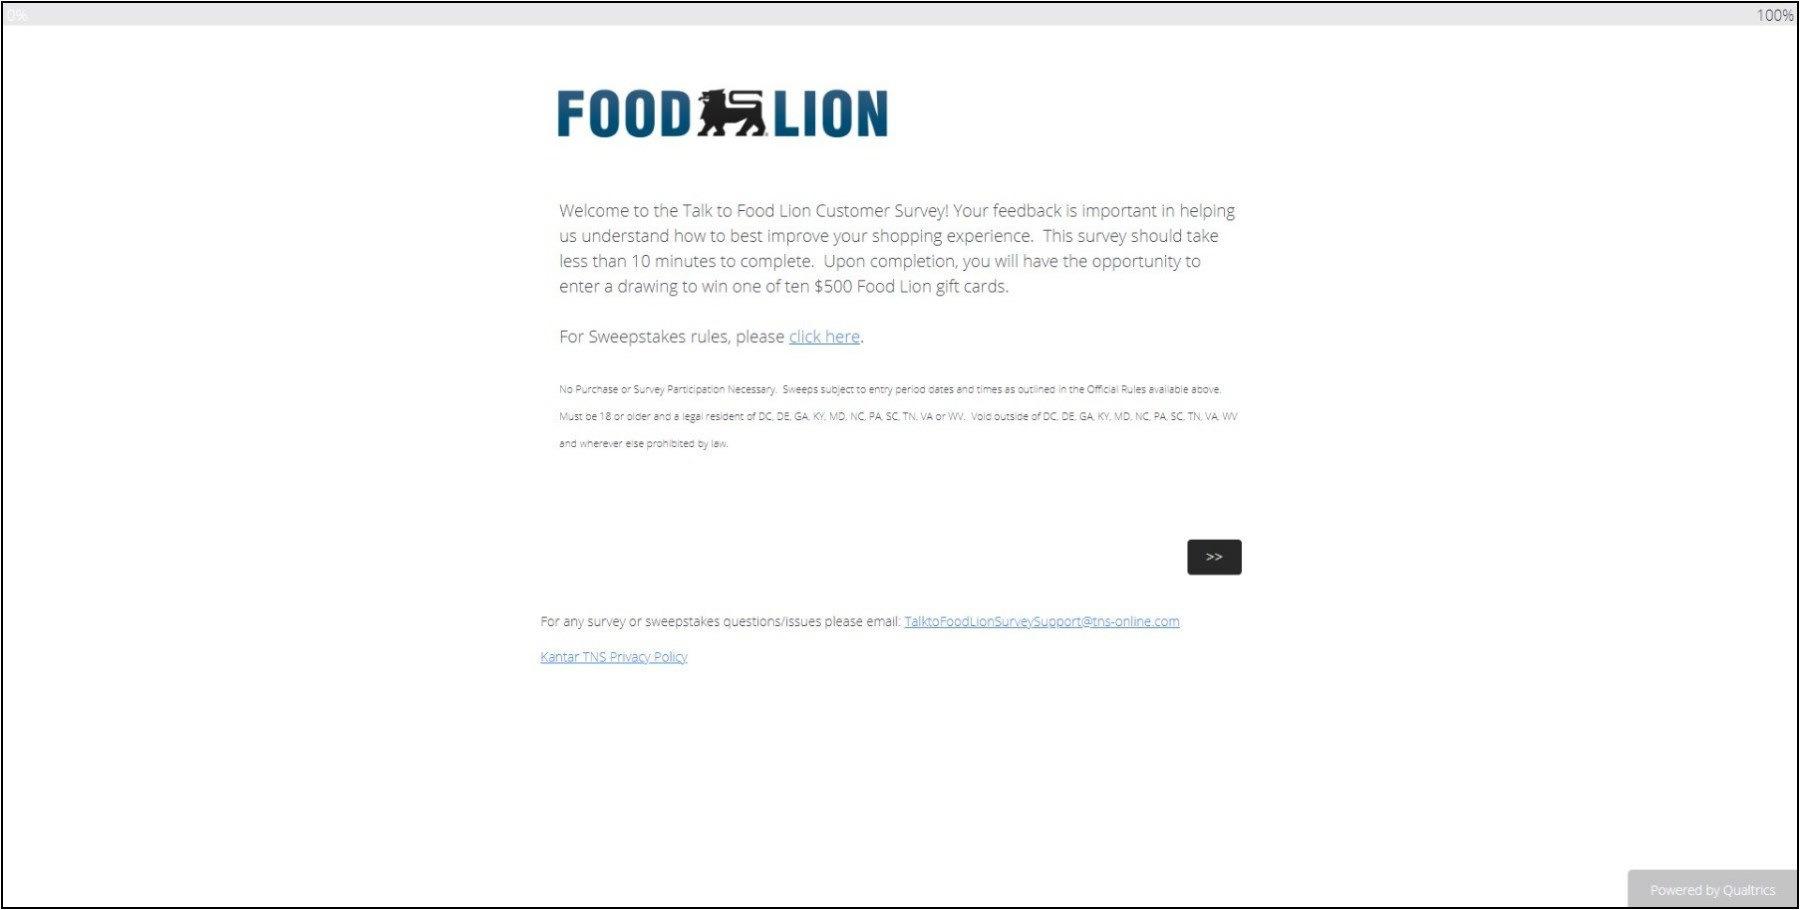 www.TalkToFoodLion.com